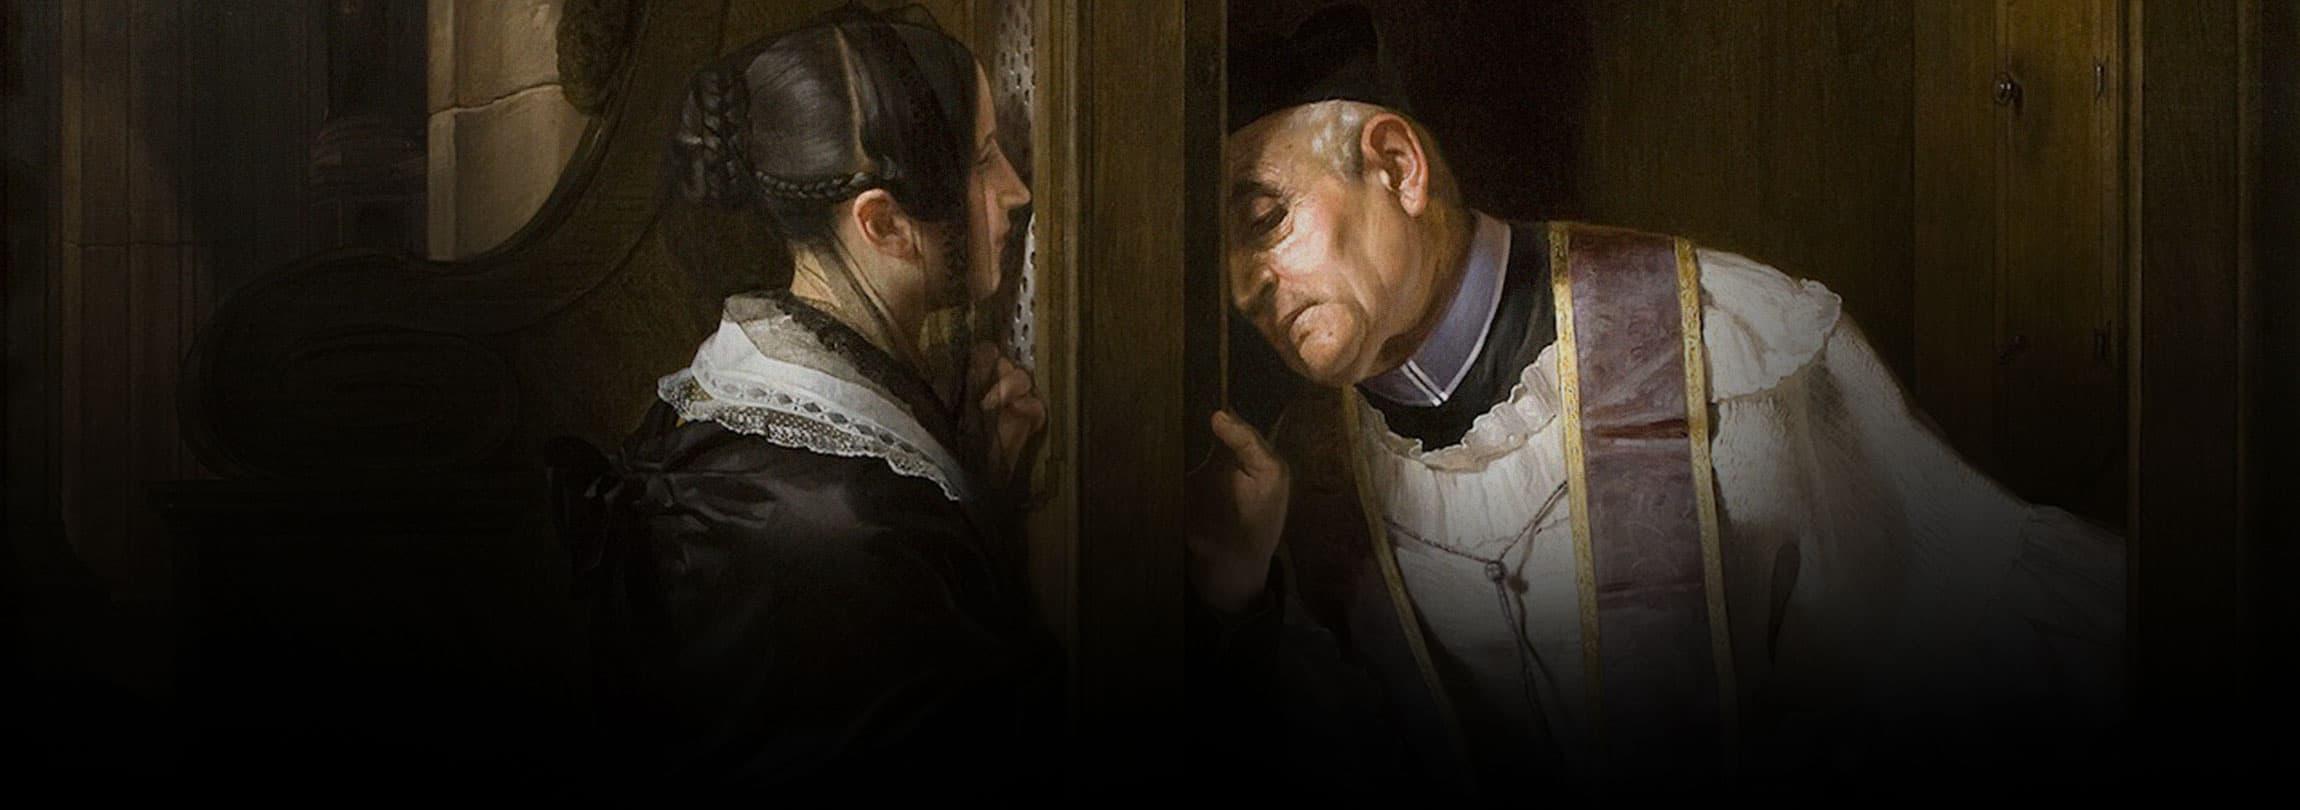 Católicos, voltem ao confessionário!